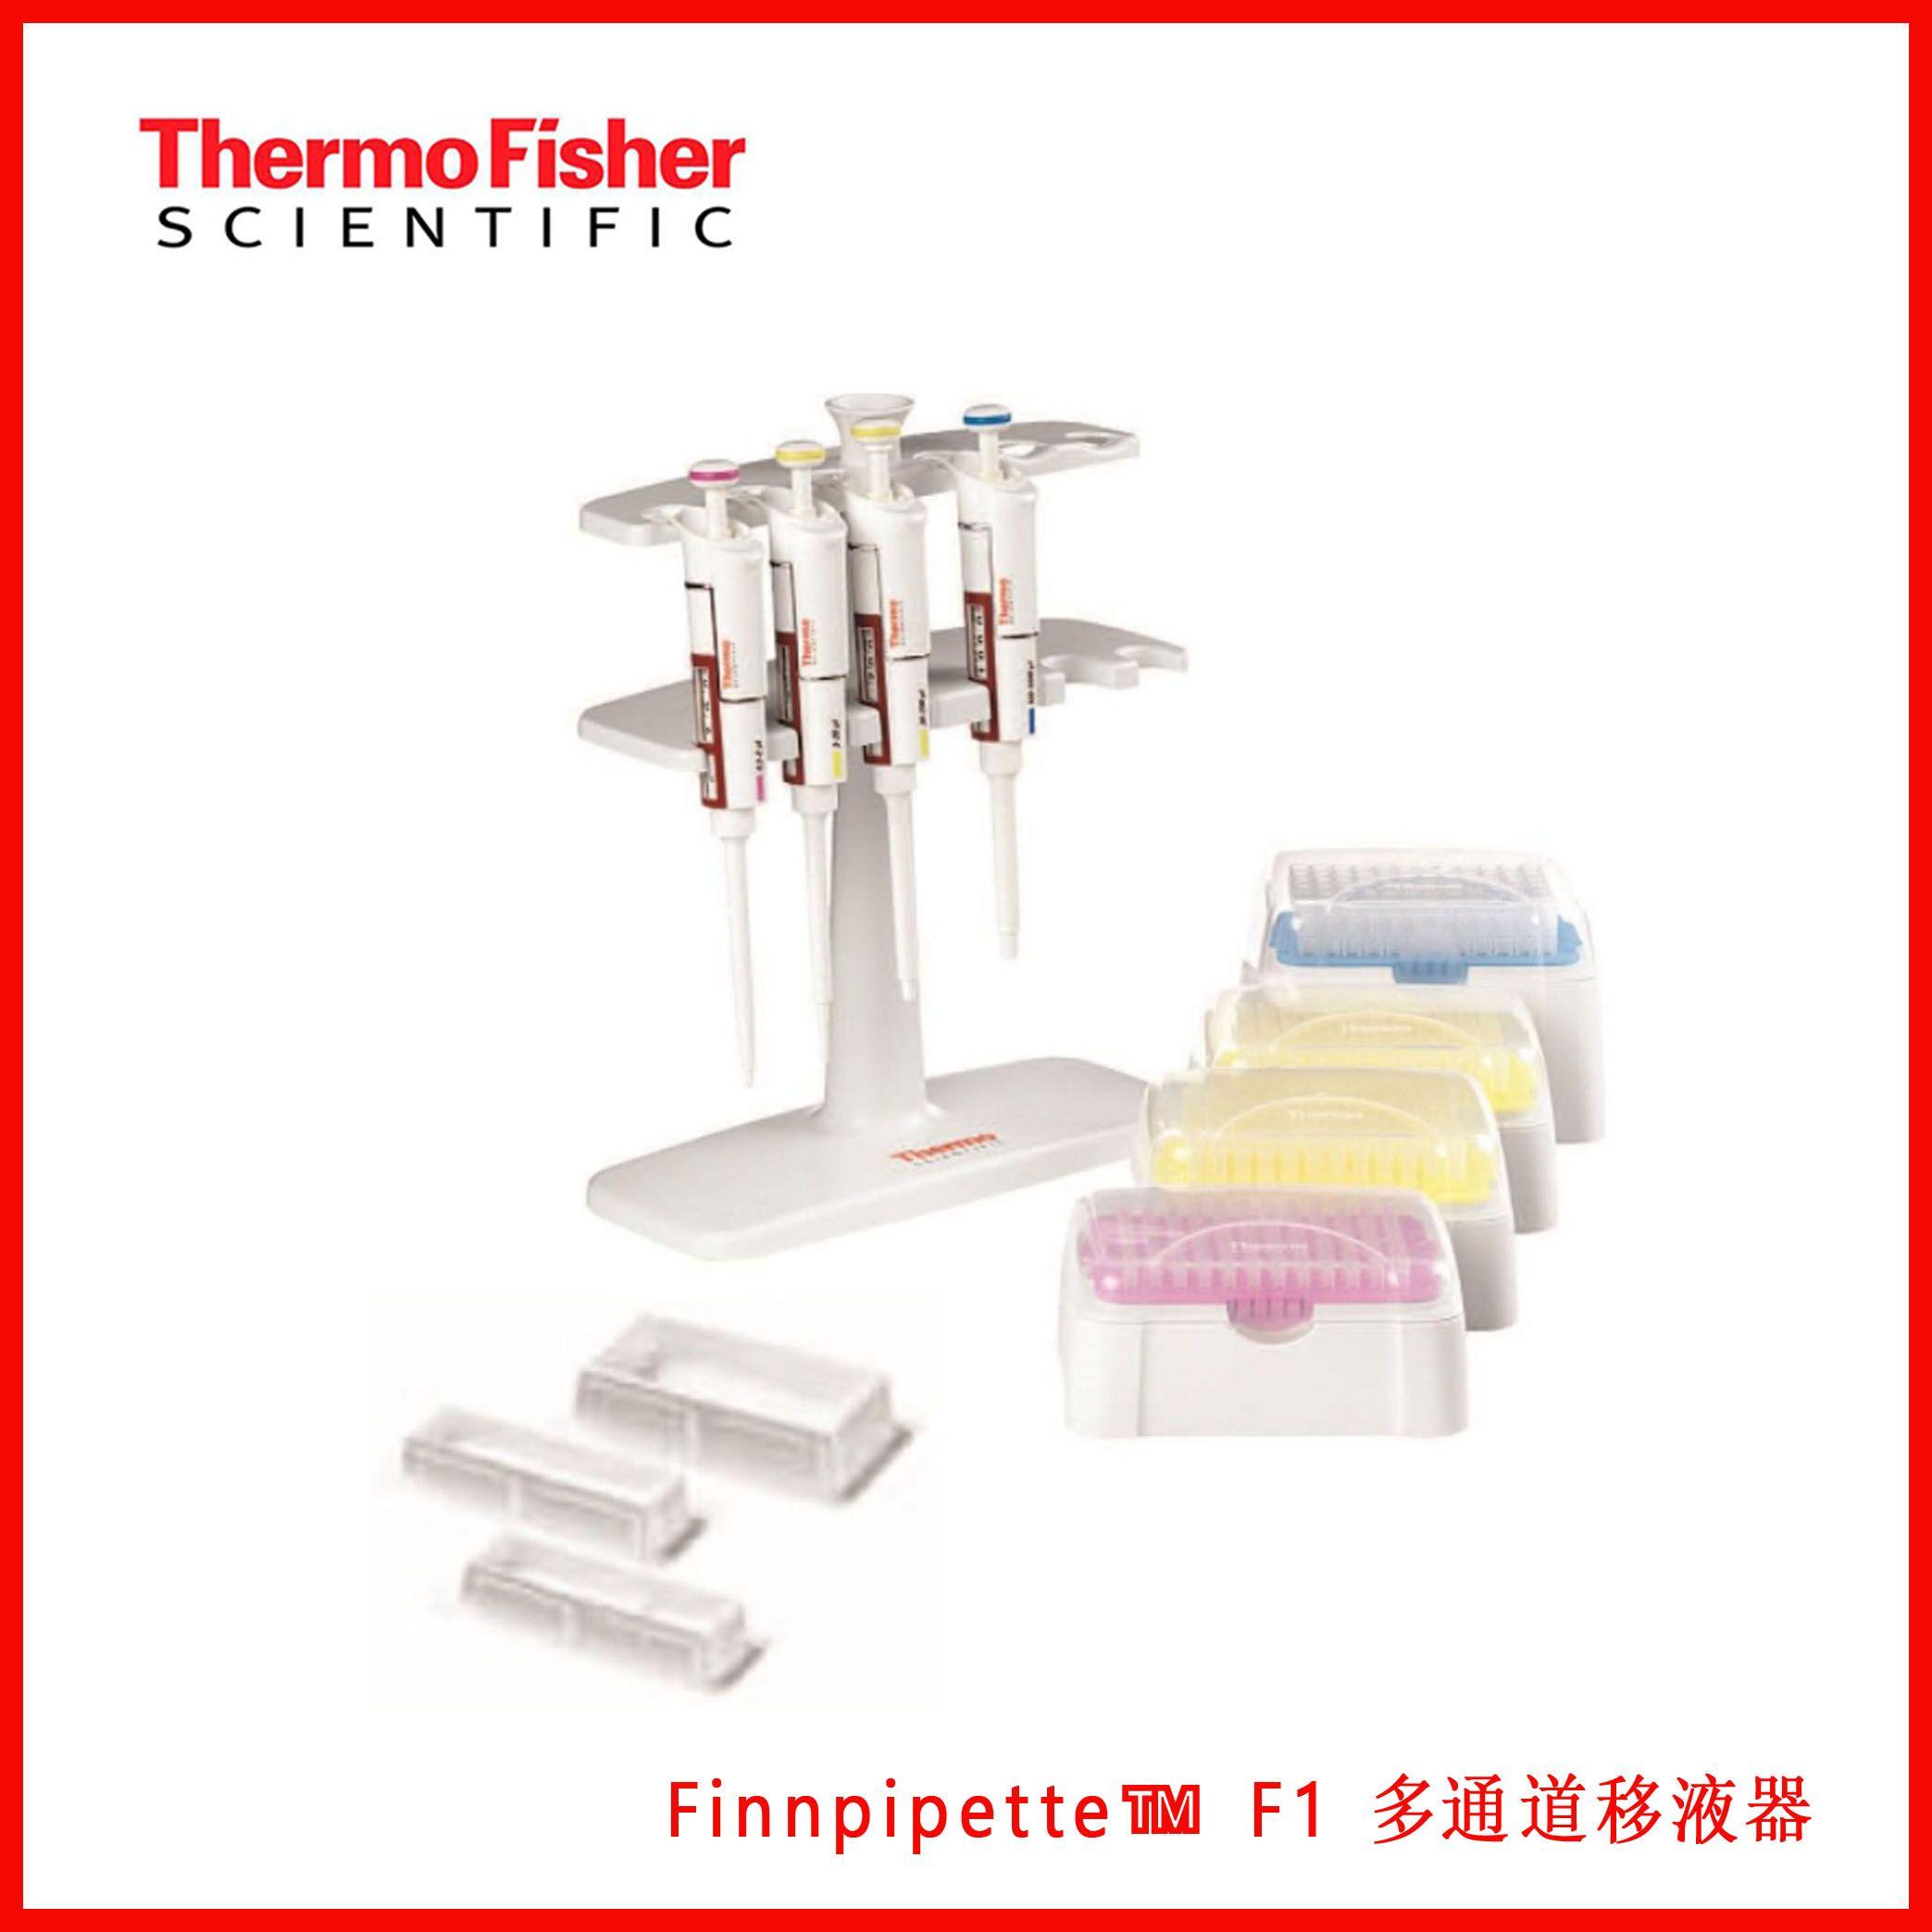 Thermo ScientificFinnpipetteF1移液器,Finnpipette™ F1 多通道移液器,现货